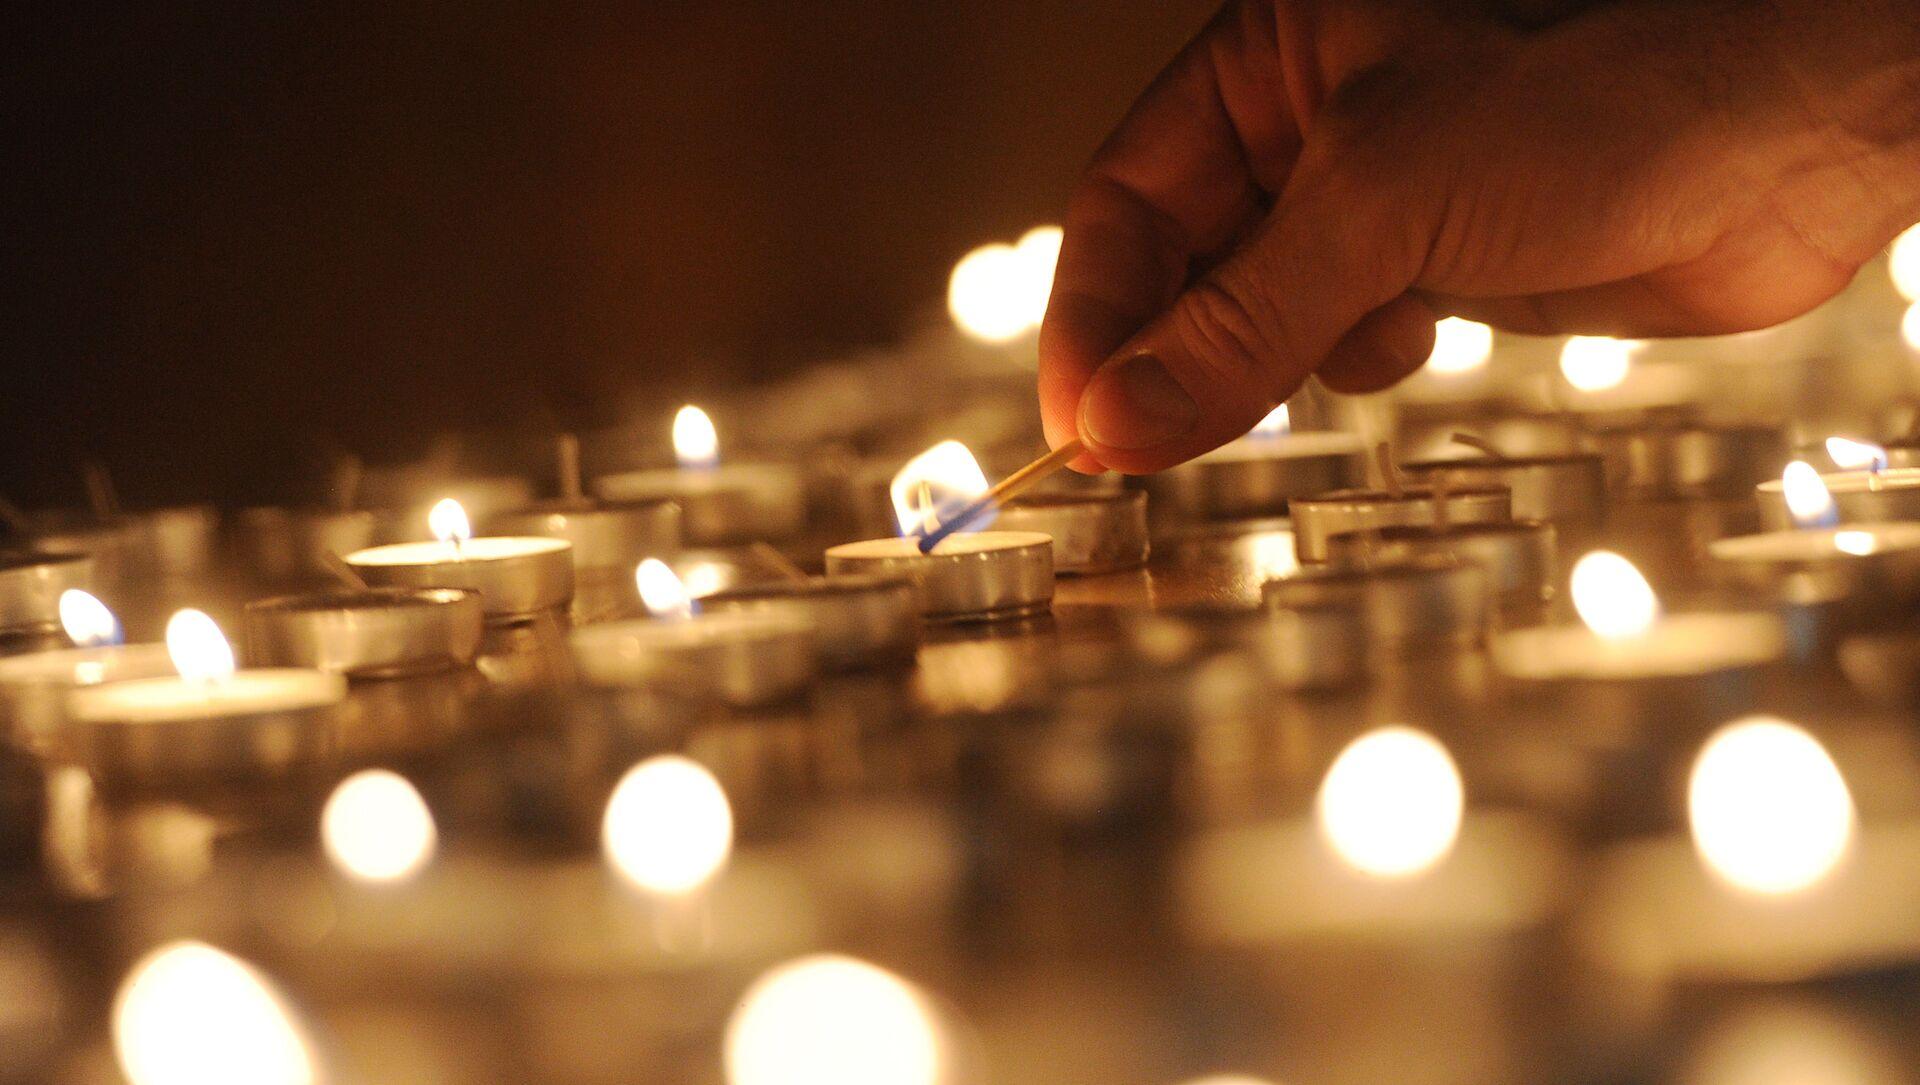 Церемония зажжения свечей в память жертв Холокоста - Sputnik Грузия, 1920, 25.03.2021